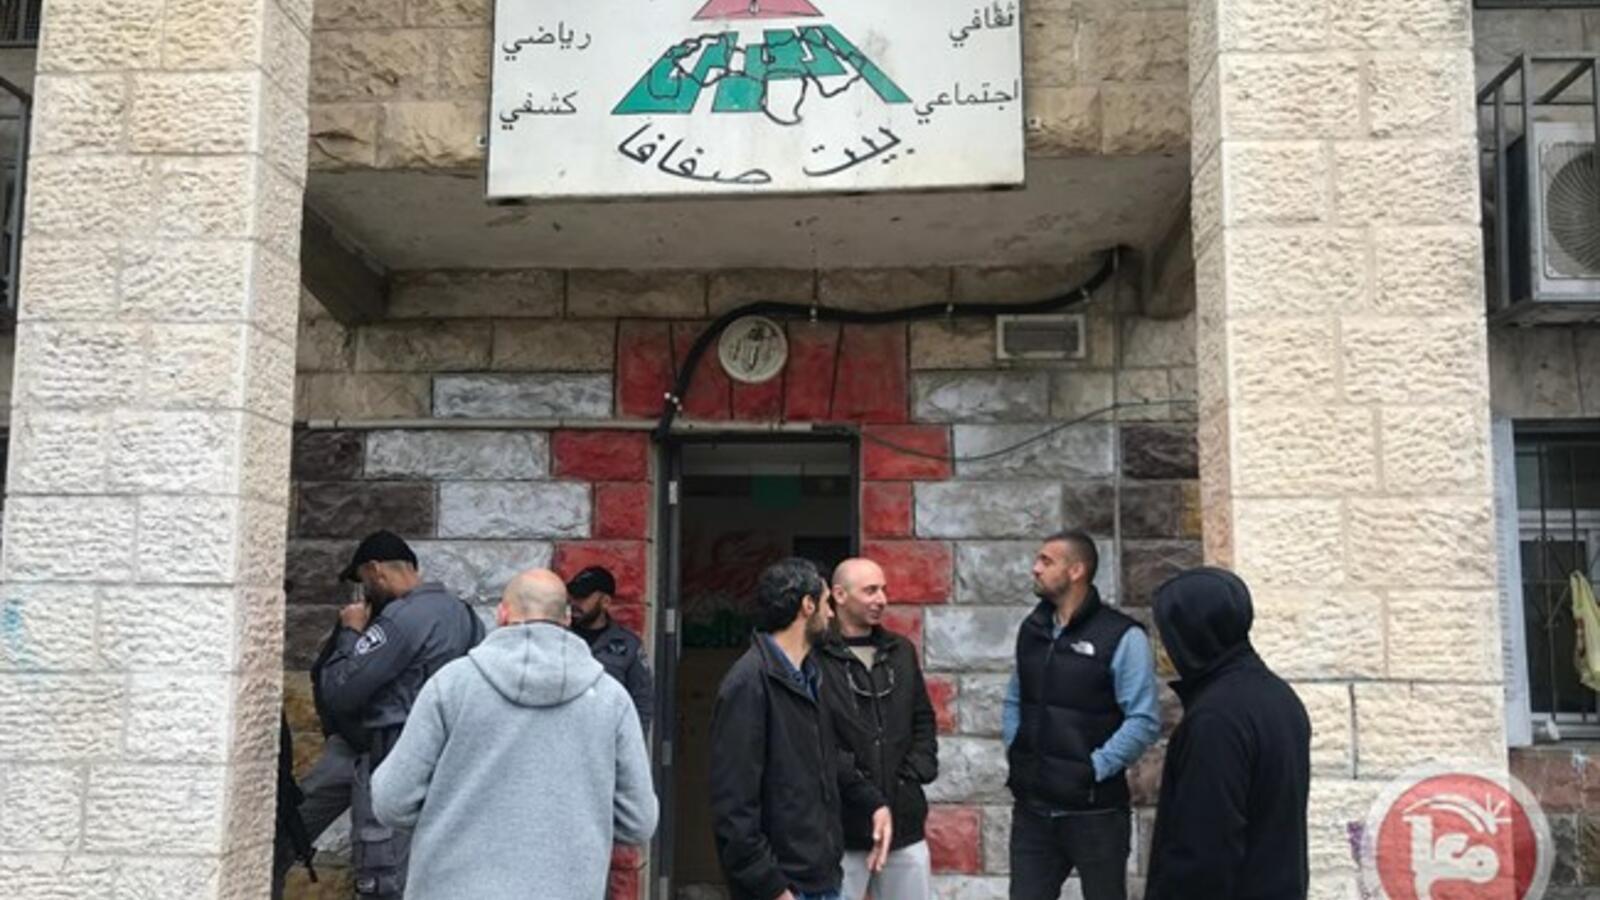 اقدام خصمانه صهیونیستیها در مقابل فلسطین این بار در مستطیل سبز